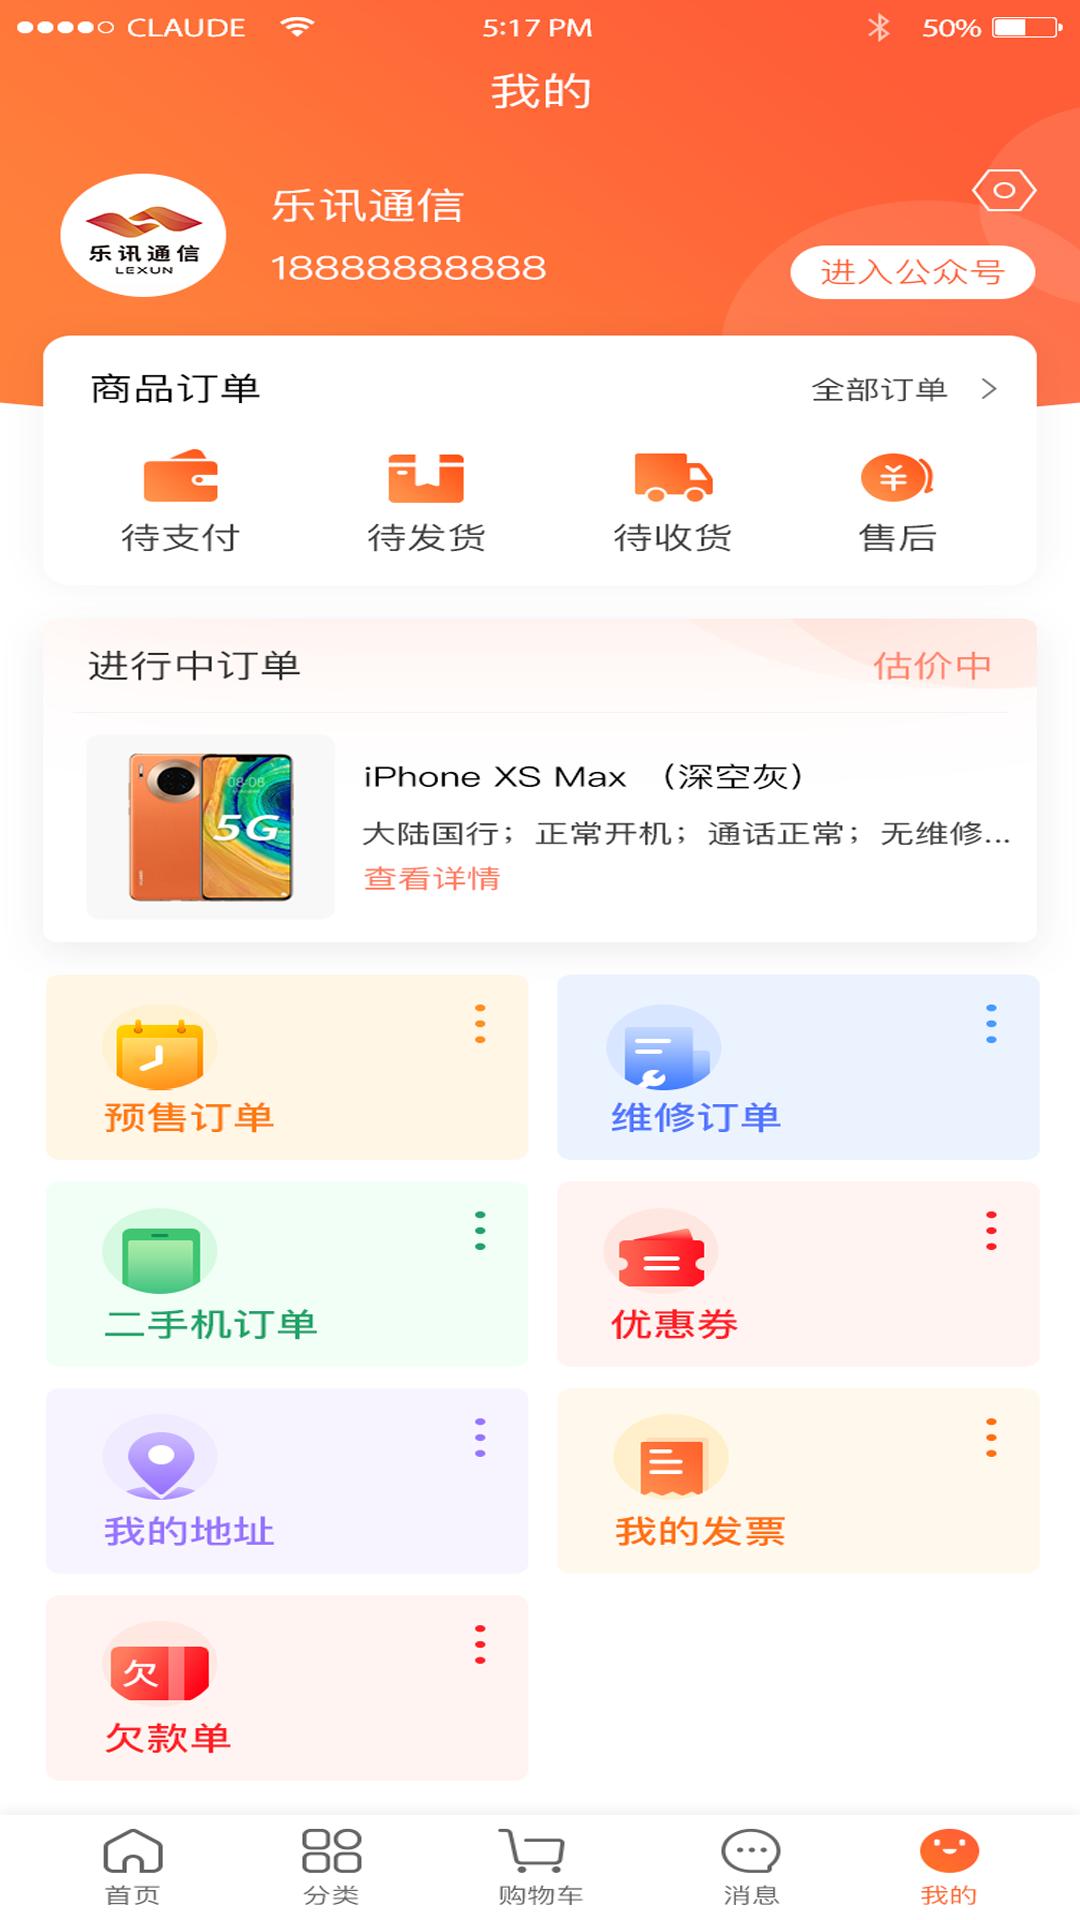 乐讯智选 V1.0.6 安卓版截图3